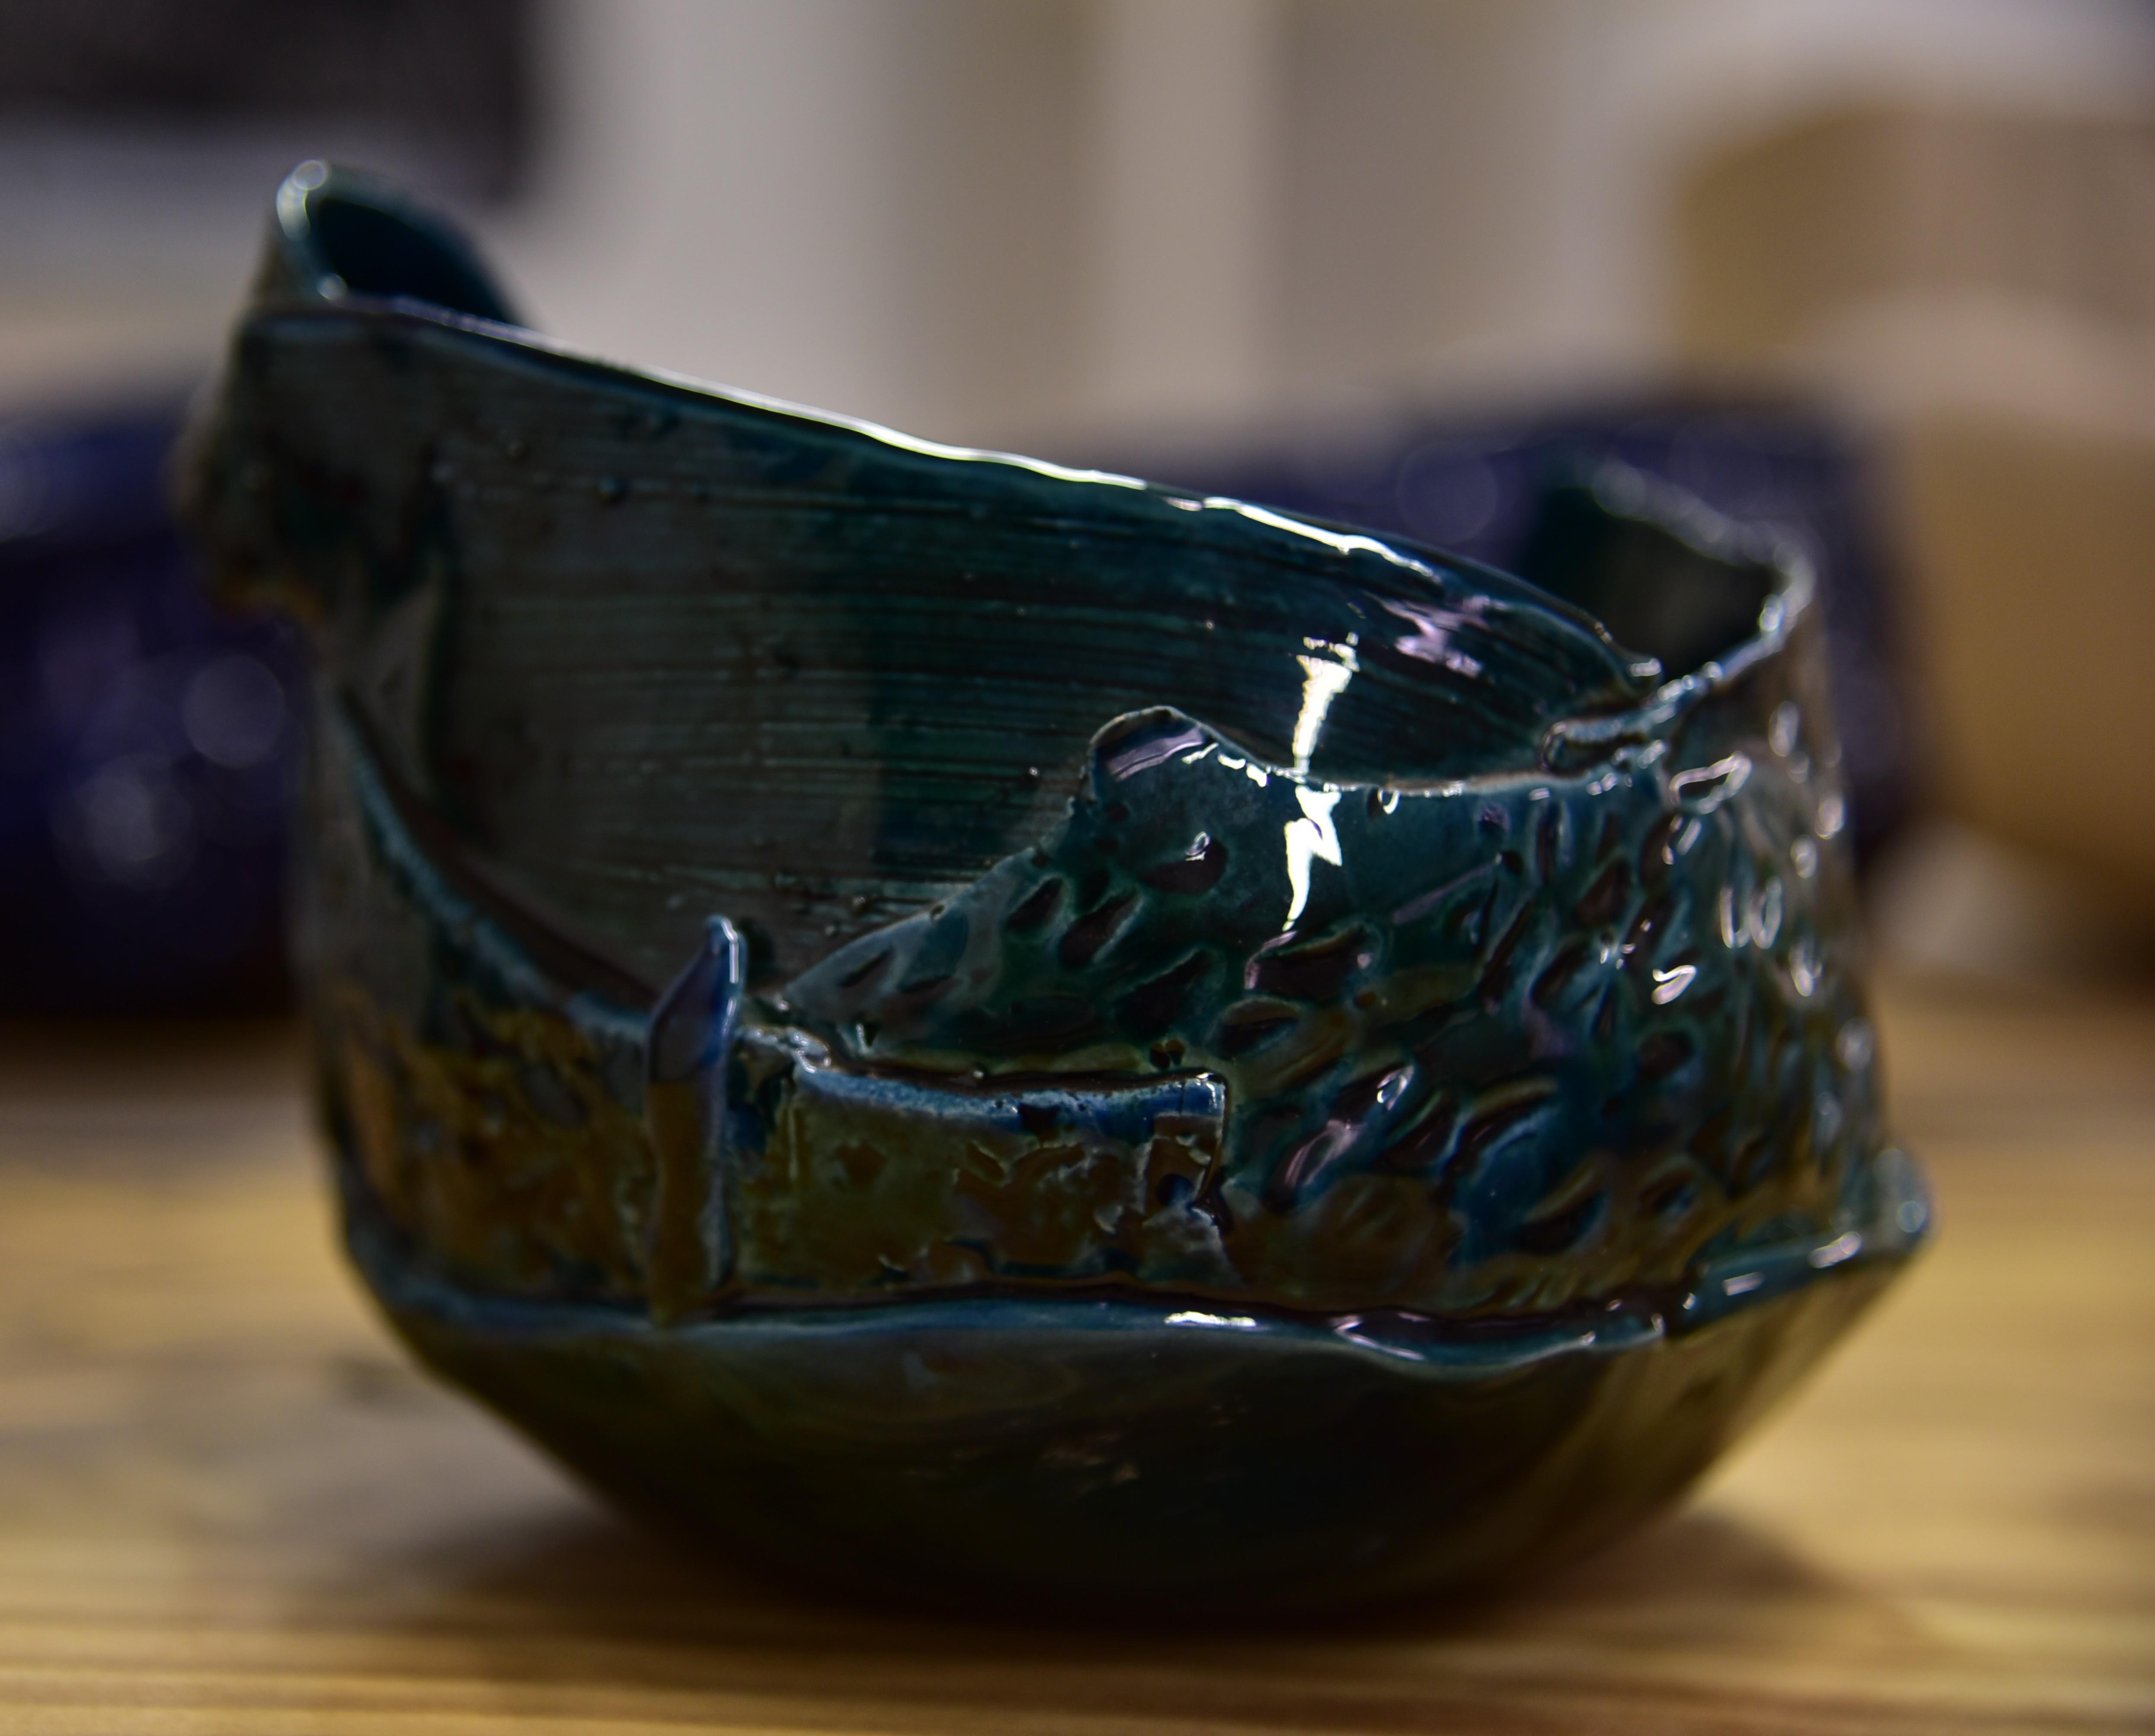 Ciotola in ceramica blu petrolio